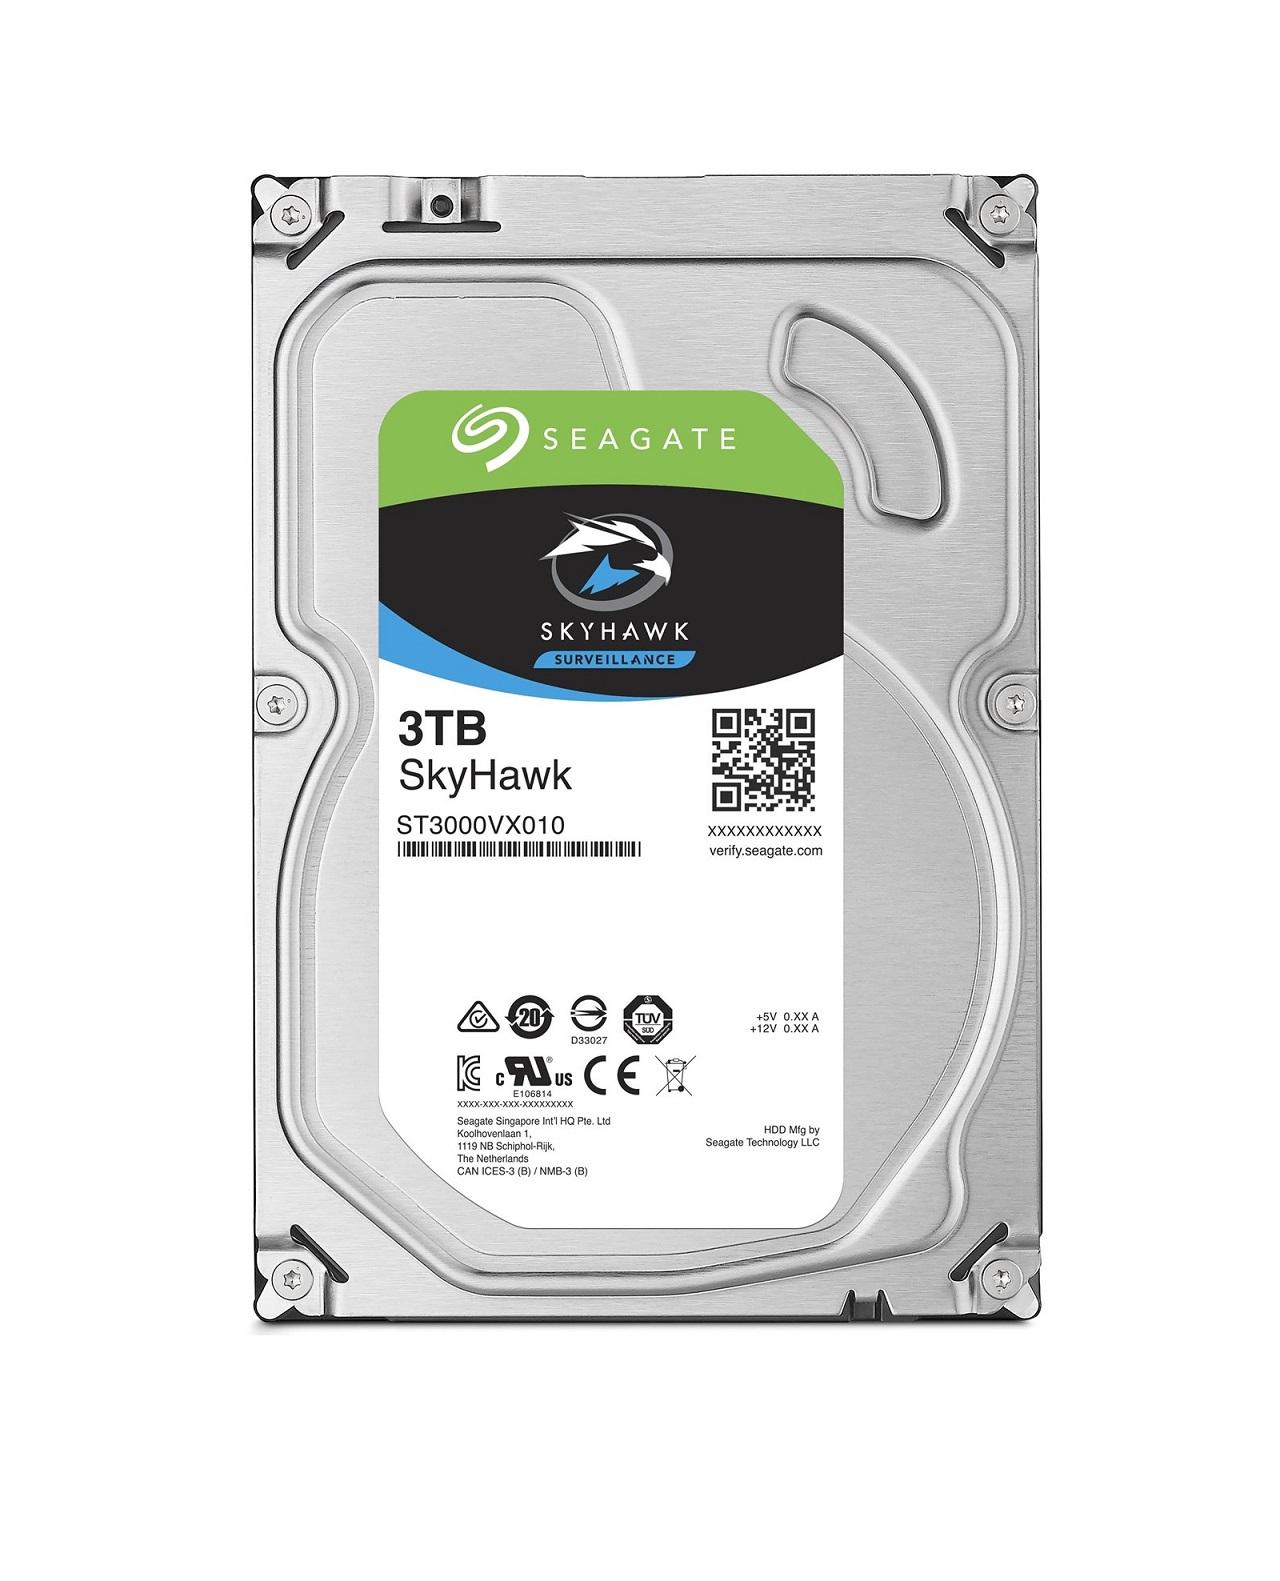 Seagate SkyHawk HDD, 3TB, SATAIII, 64MB cache, 5.900RPM